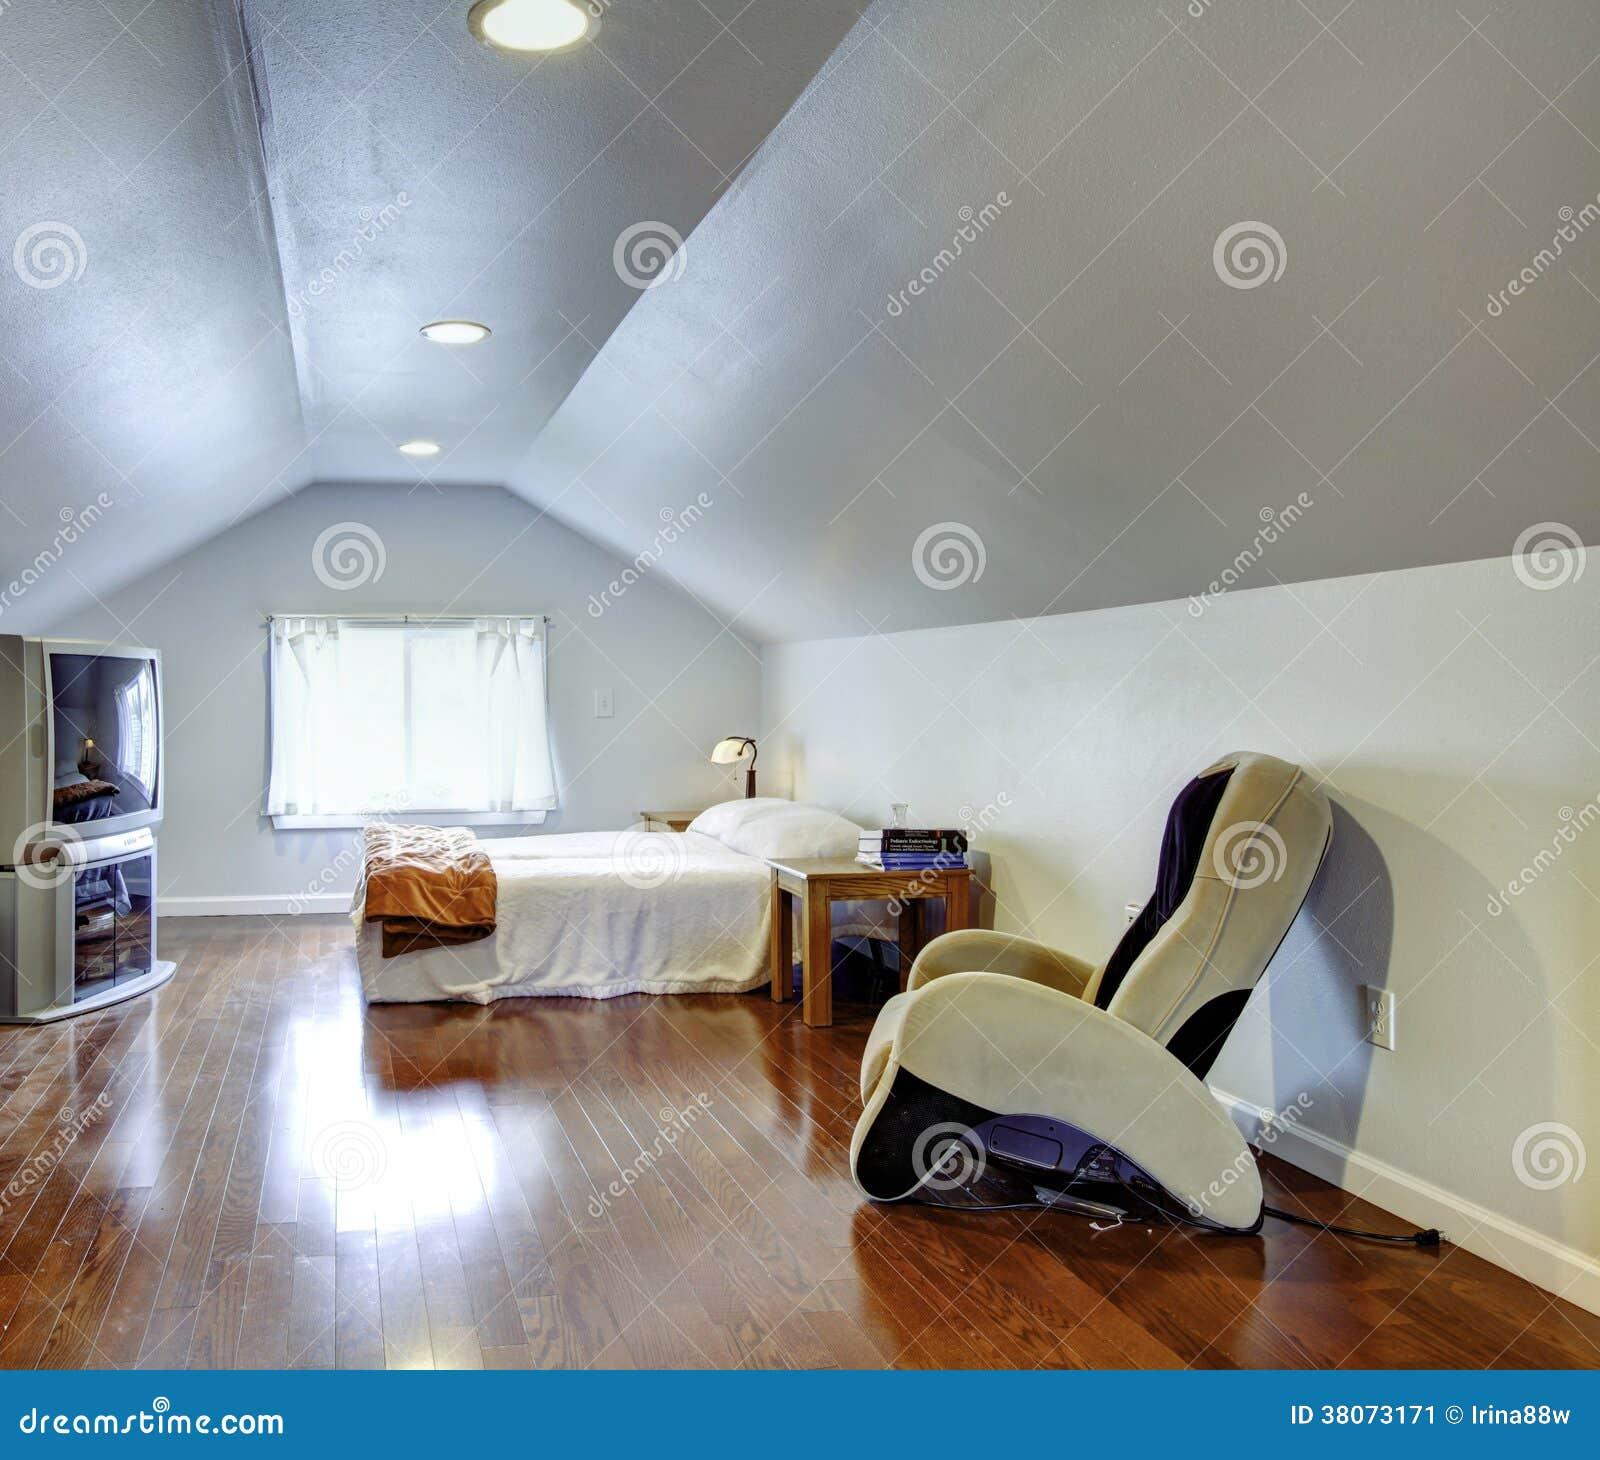 Idea Di Interior Design Per La Camera Da Letto Del Soffitto Basso Immagine St...